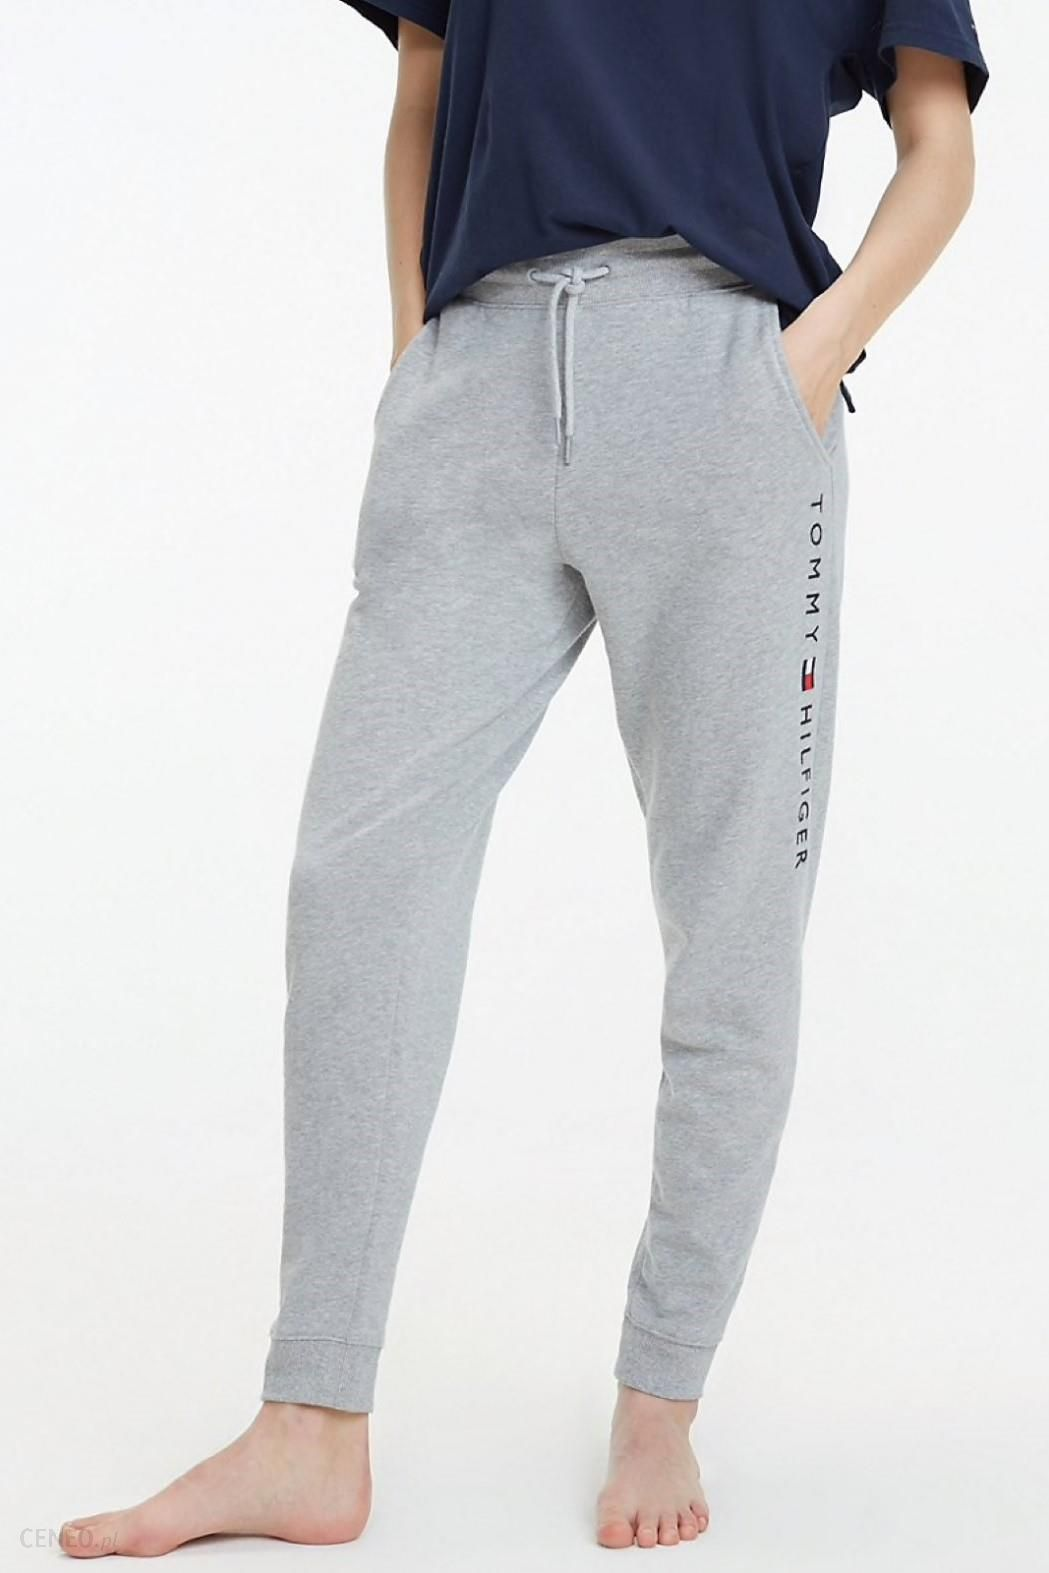 spodnie dresowe tommy damskie